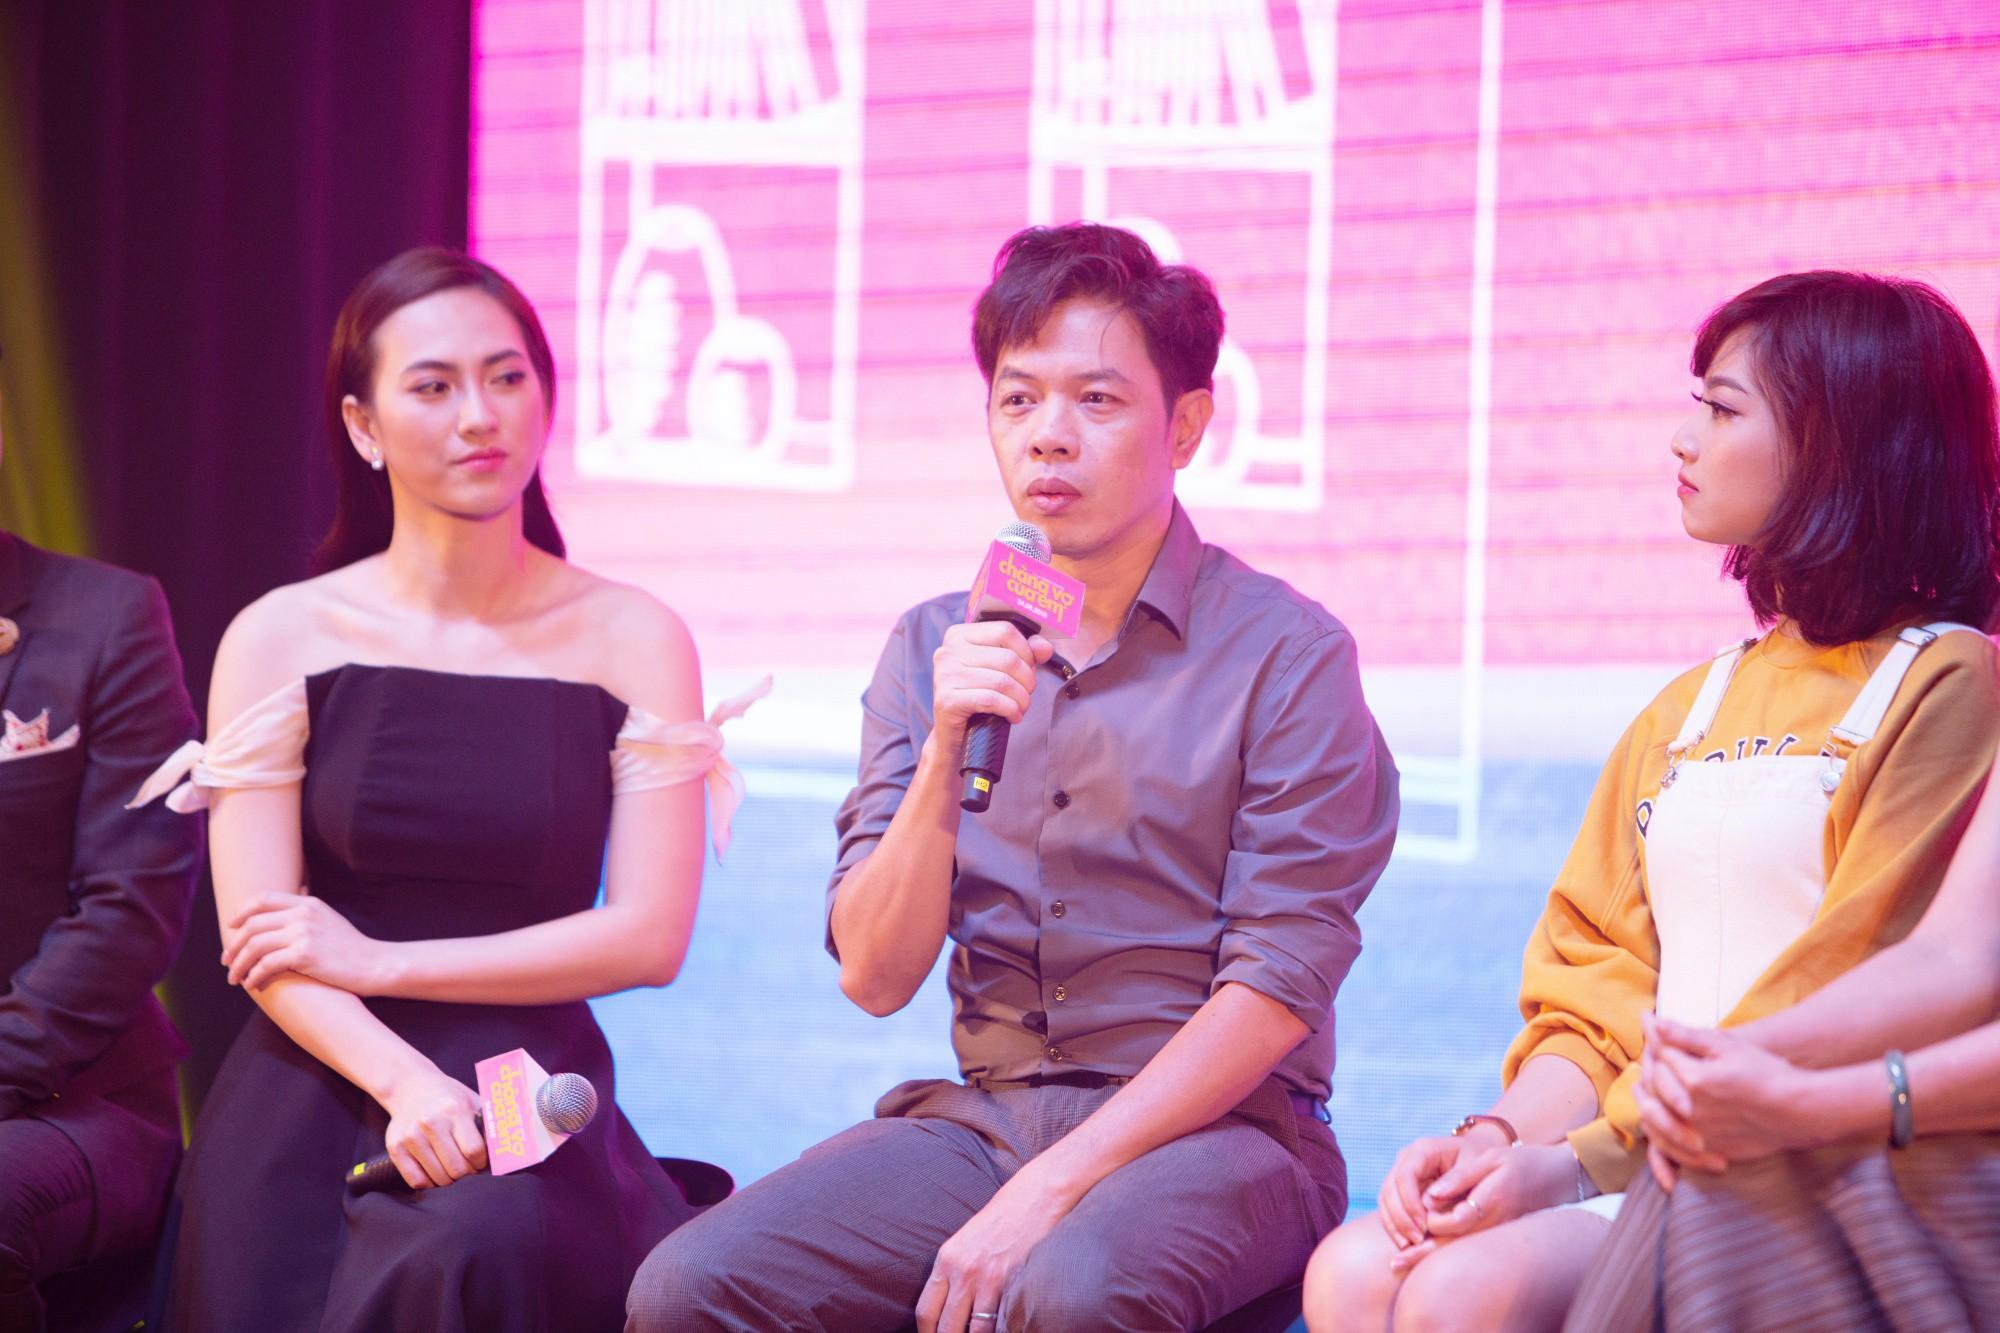 Thái Hòa gây cười không ngớt khi kể chuyện đã khỏa thân hơn 1 ngày trước đám đông  - Ảnh 4.